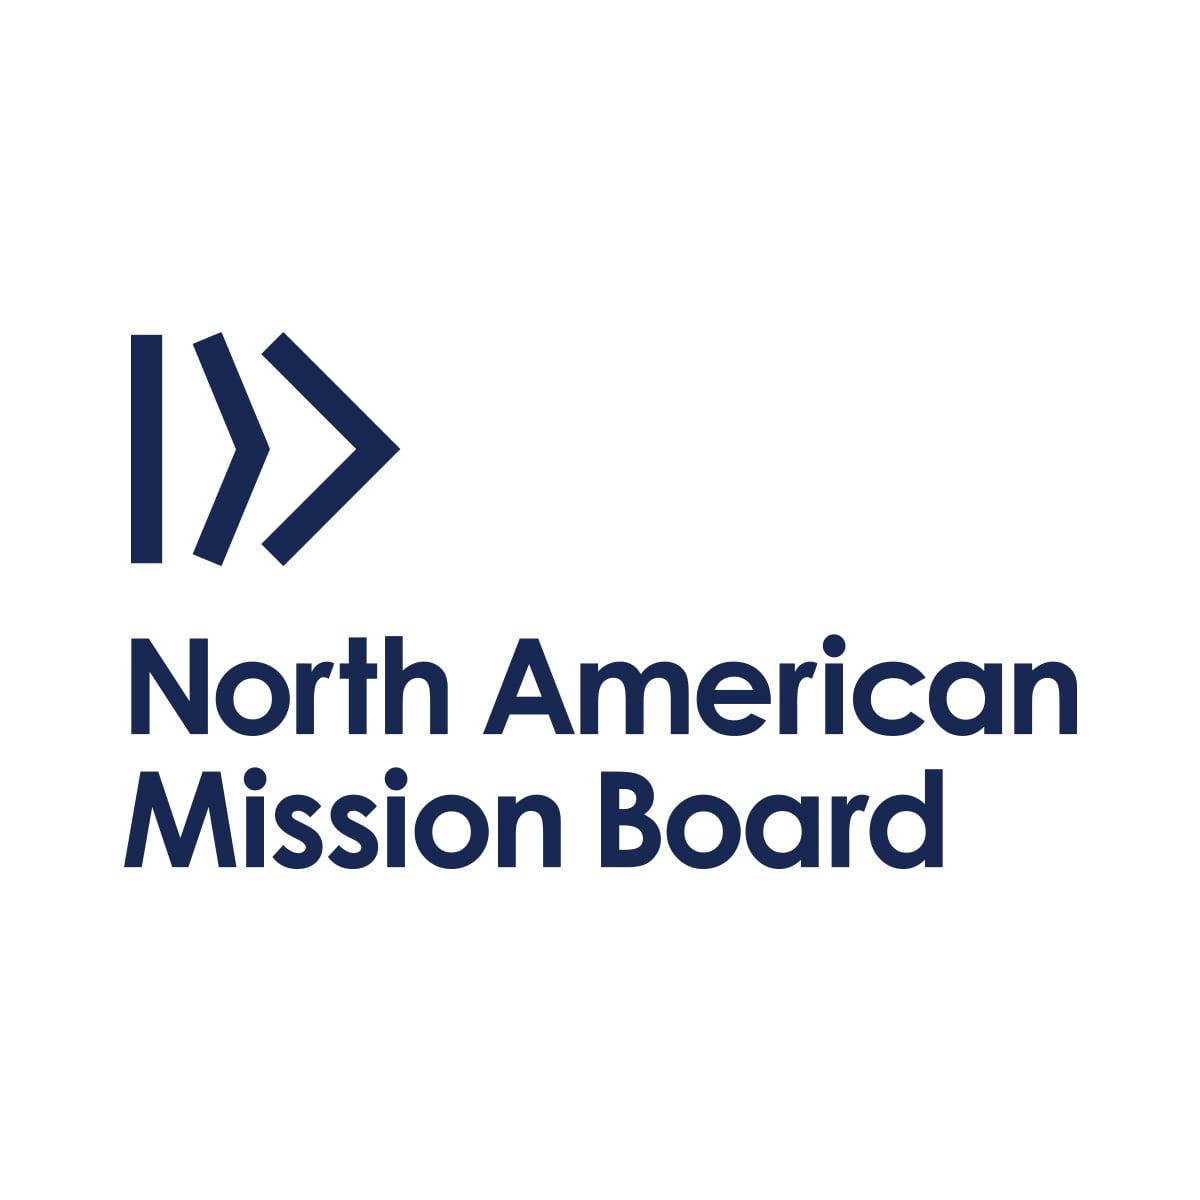 north-american-mission-board